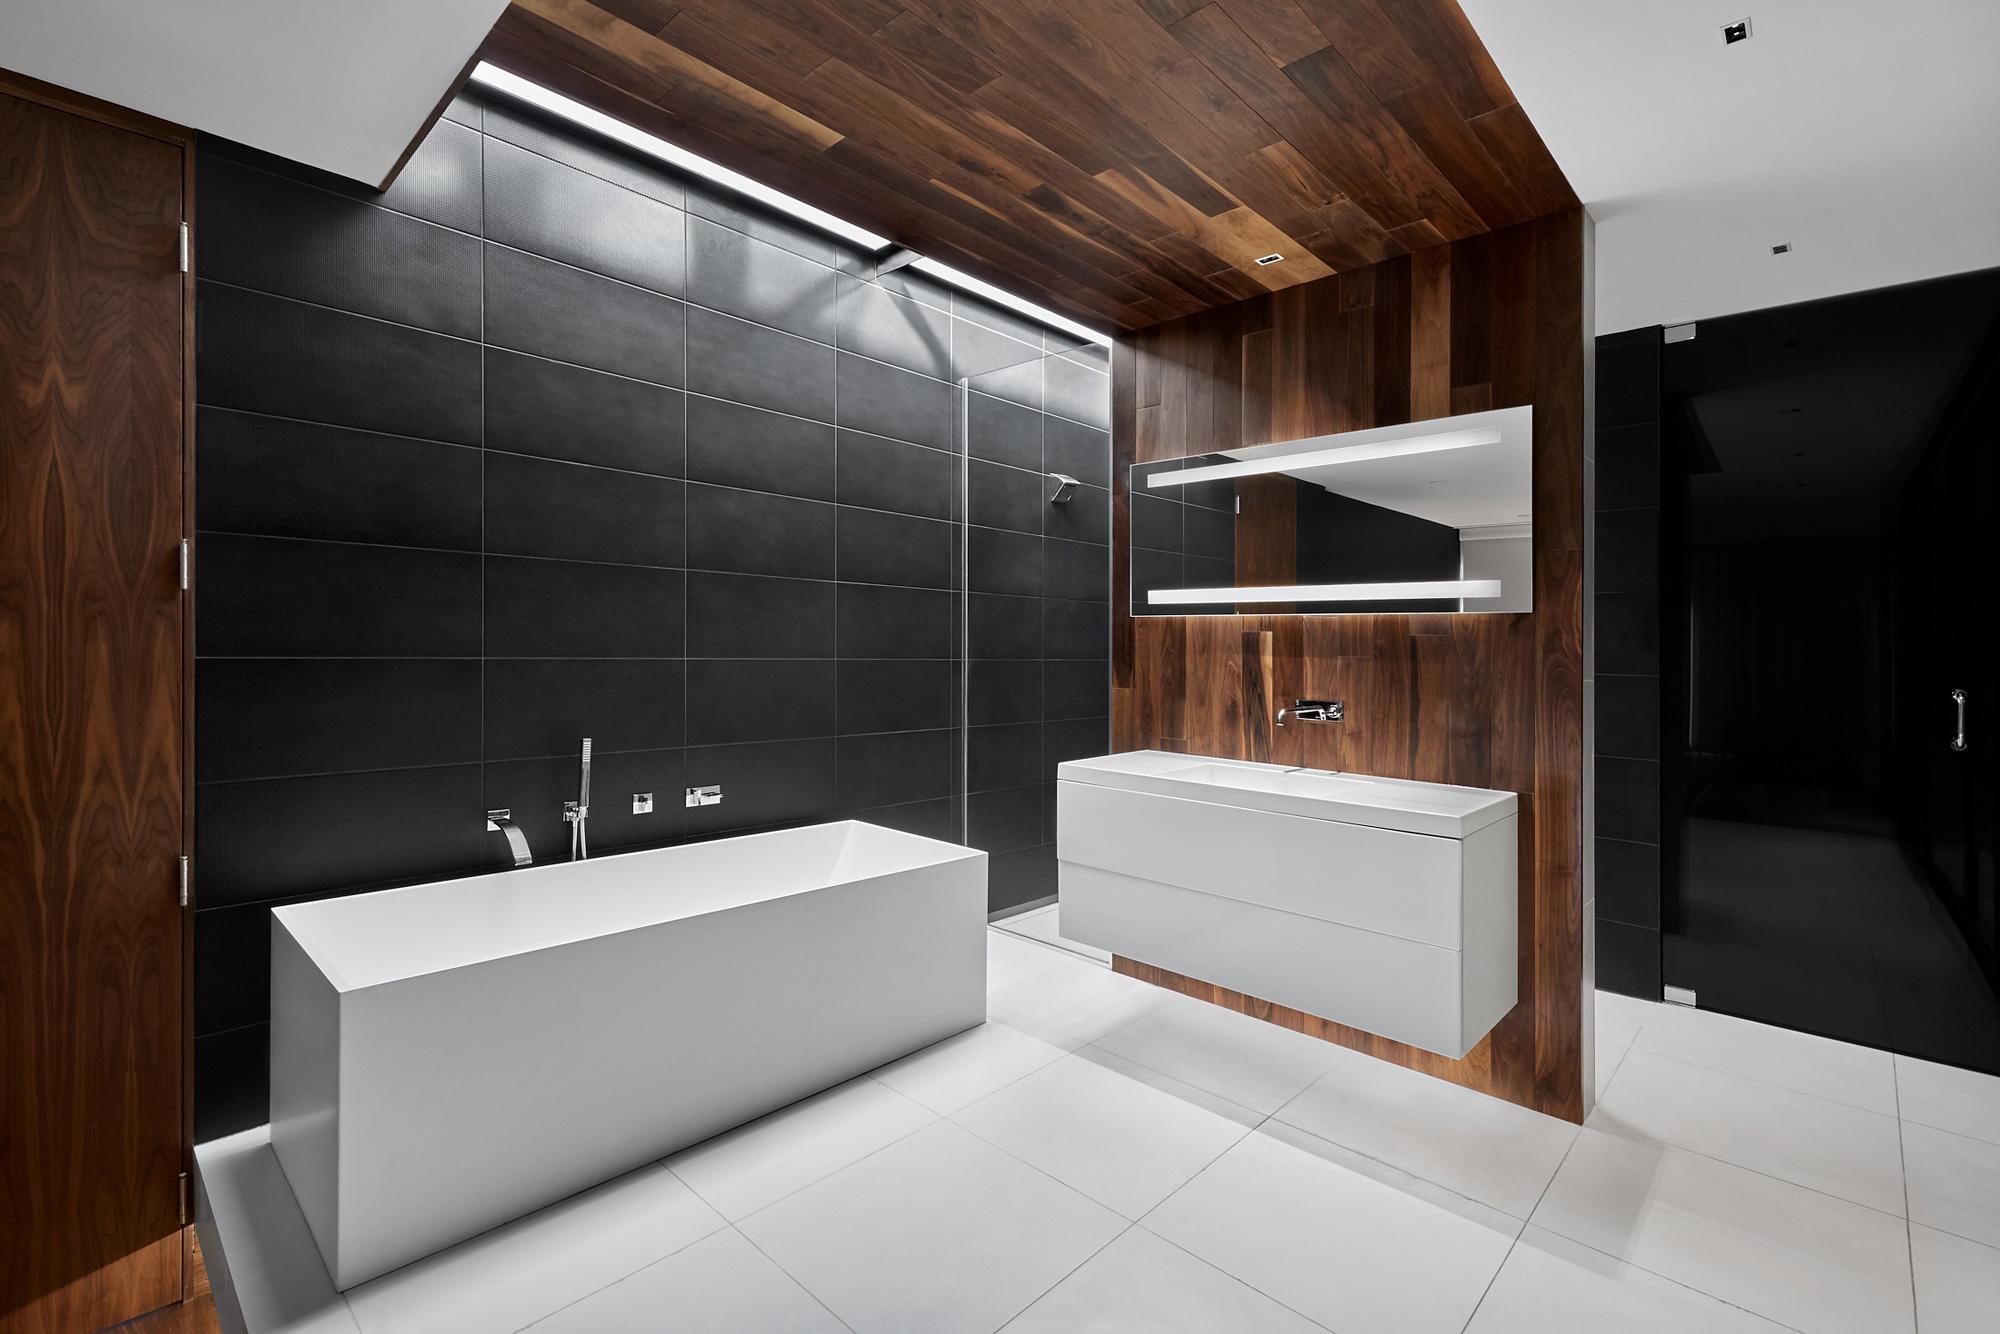 salle de bain ceramique noire mur noyer